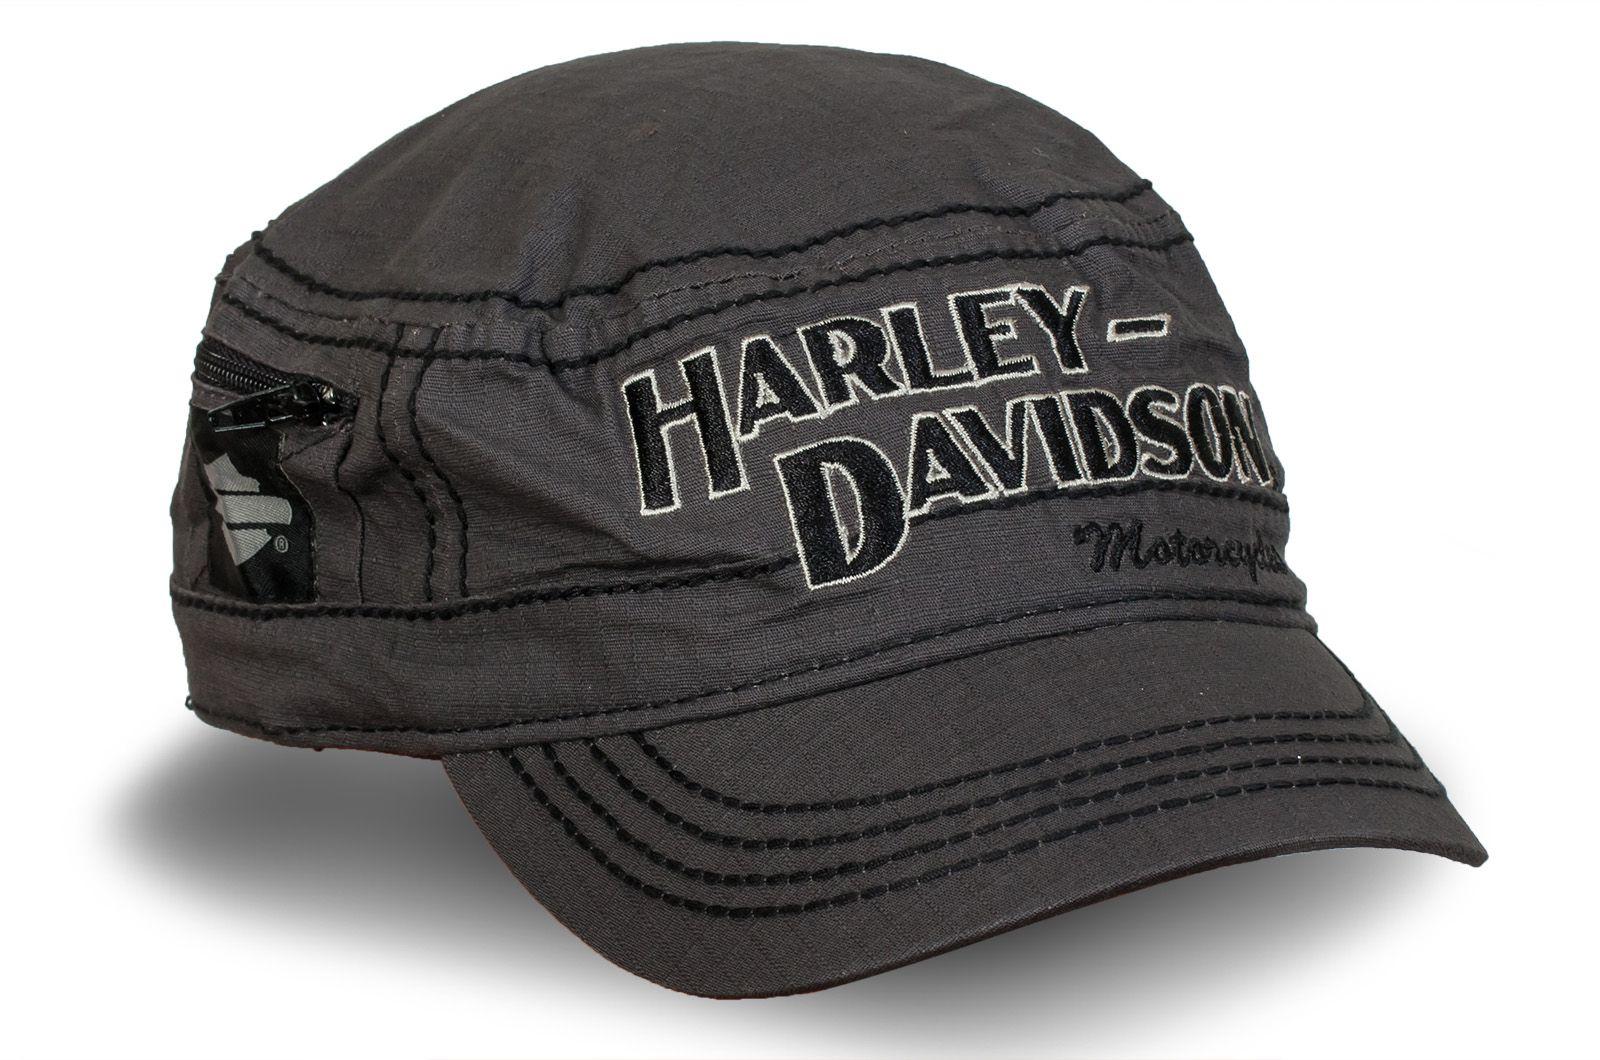 """Кепка с кармашком """"Harley-Davidson"""" - купить в интернет-магазине с доставкой"""